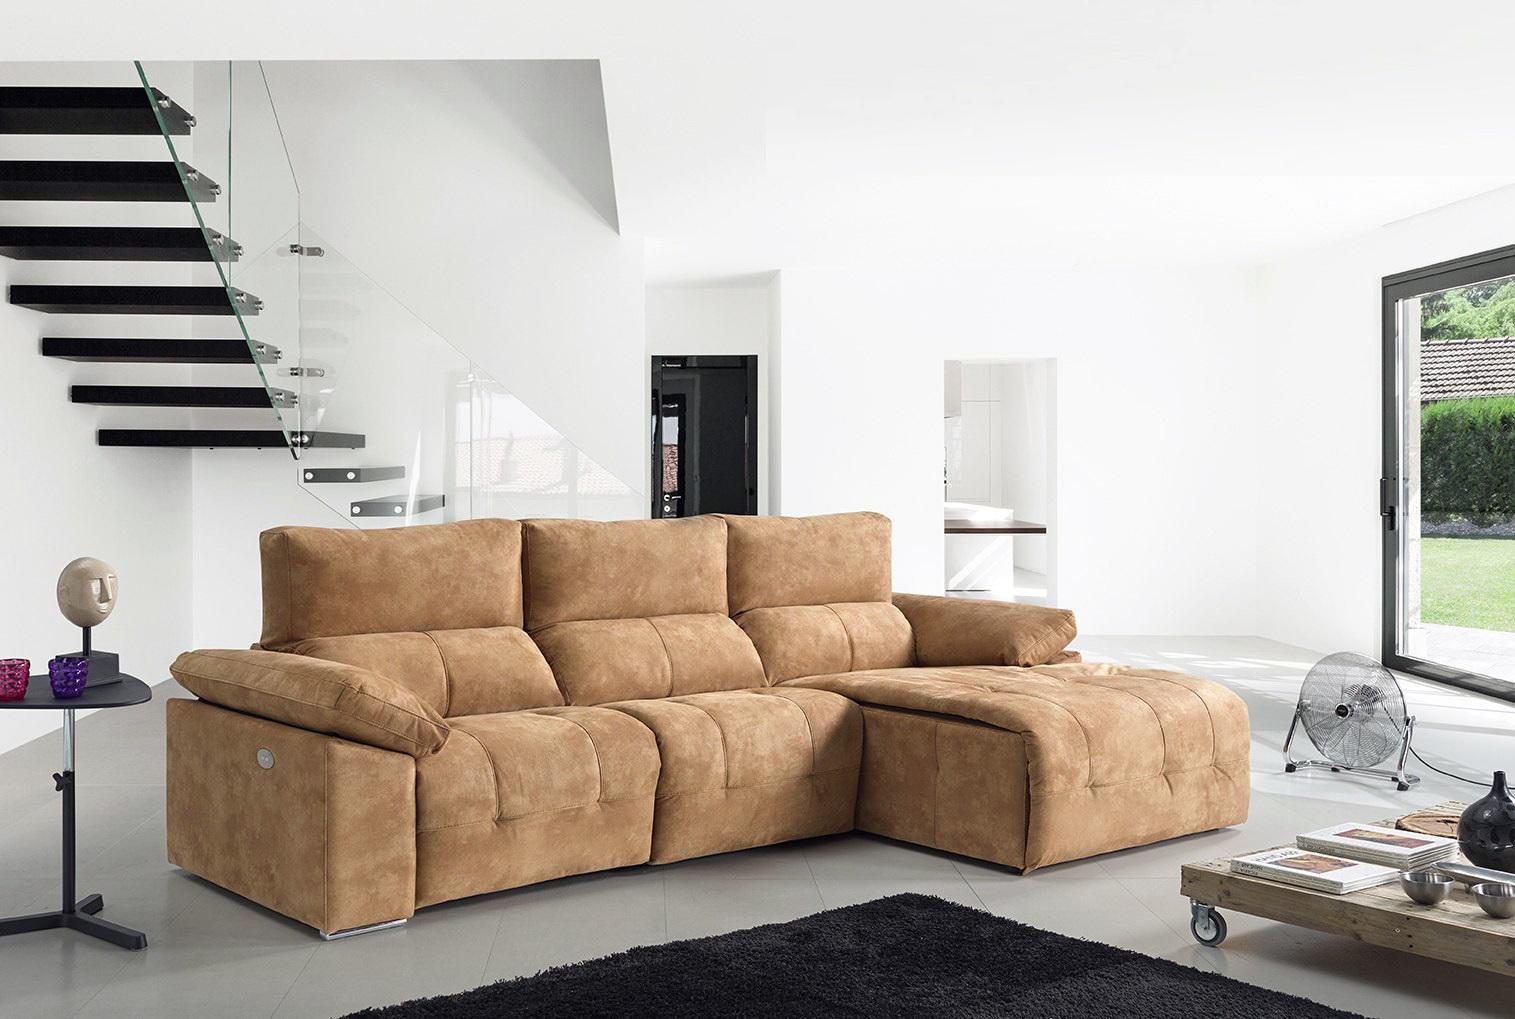 Shire sof modular relax motorizado by vizca no tapizados muebles anto n - Muebles en leon ...